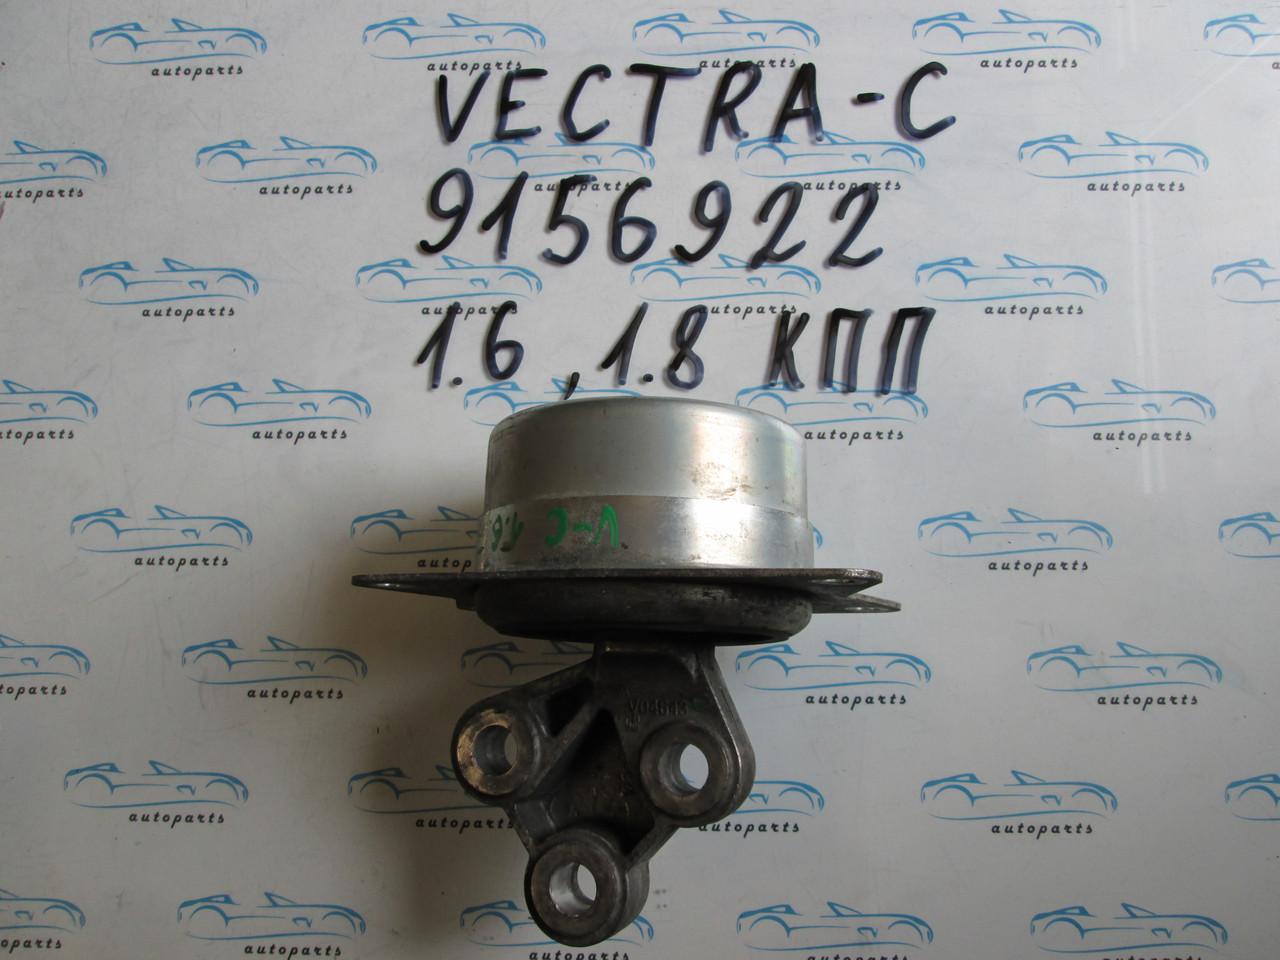 Подушка двигателя левая Vectra C 1.6, 1.8, 9156922, 13207577